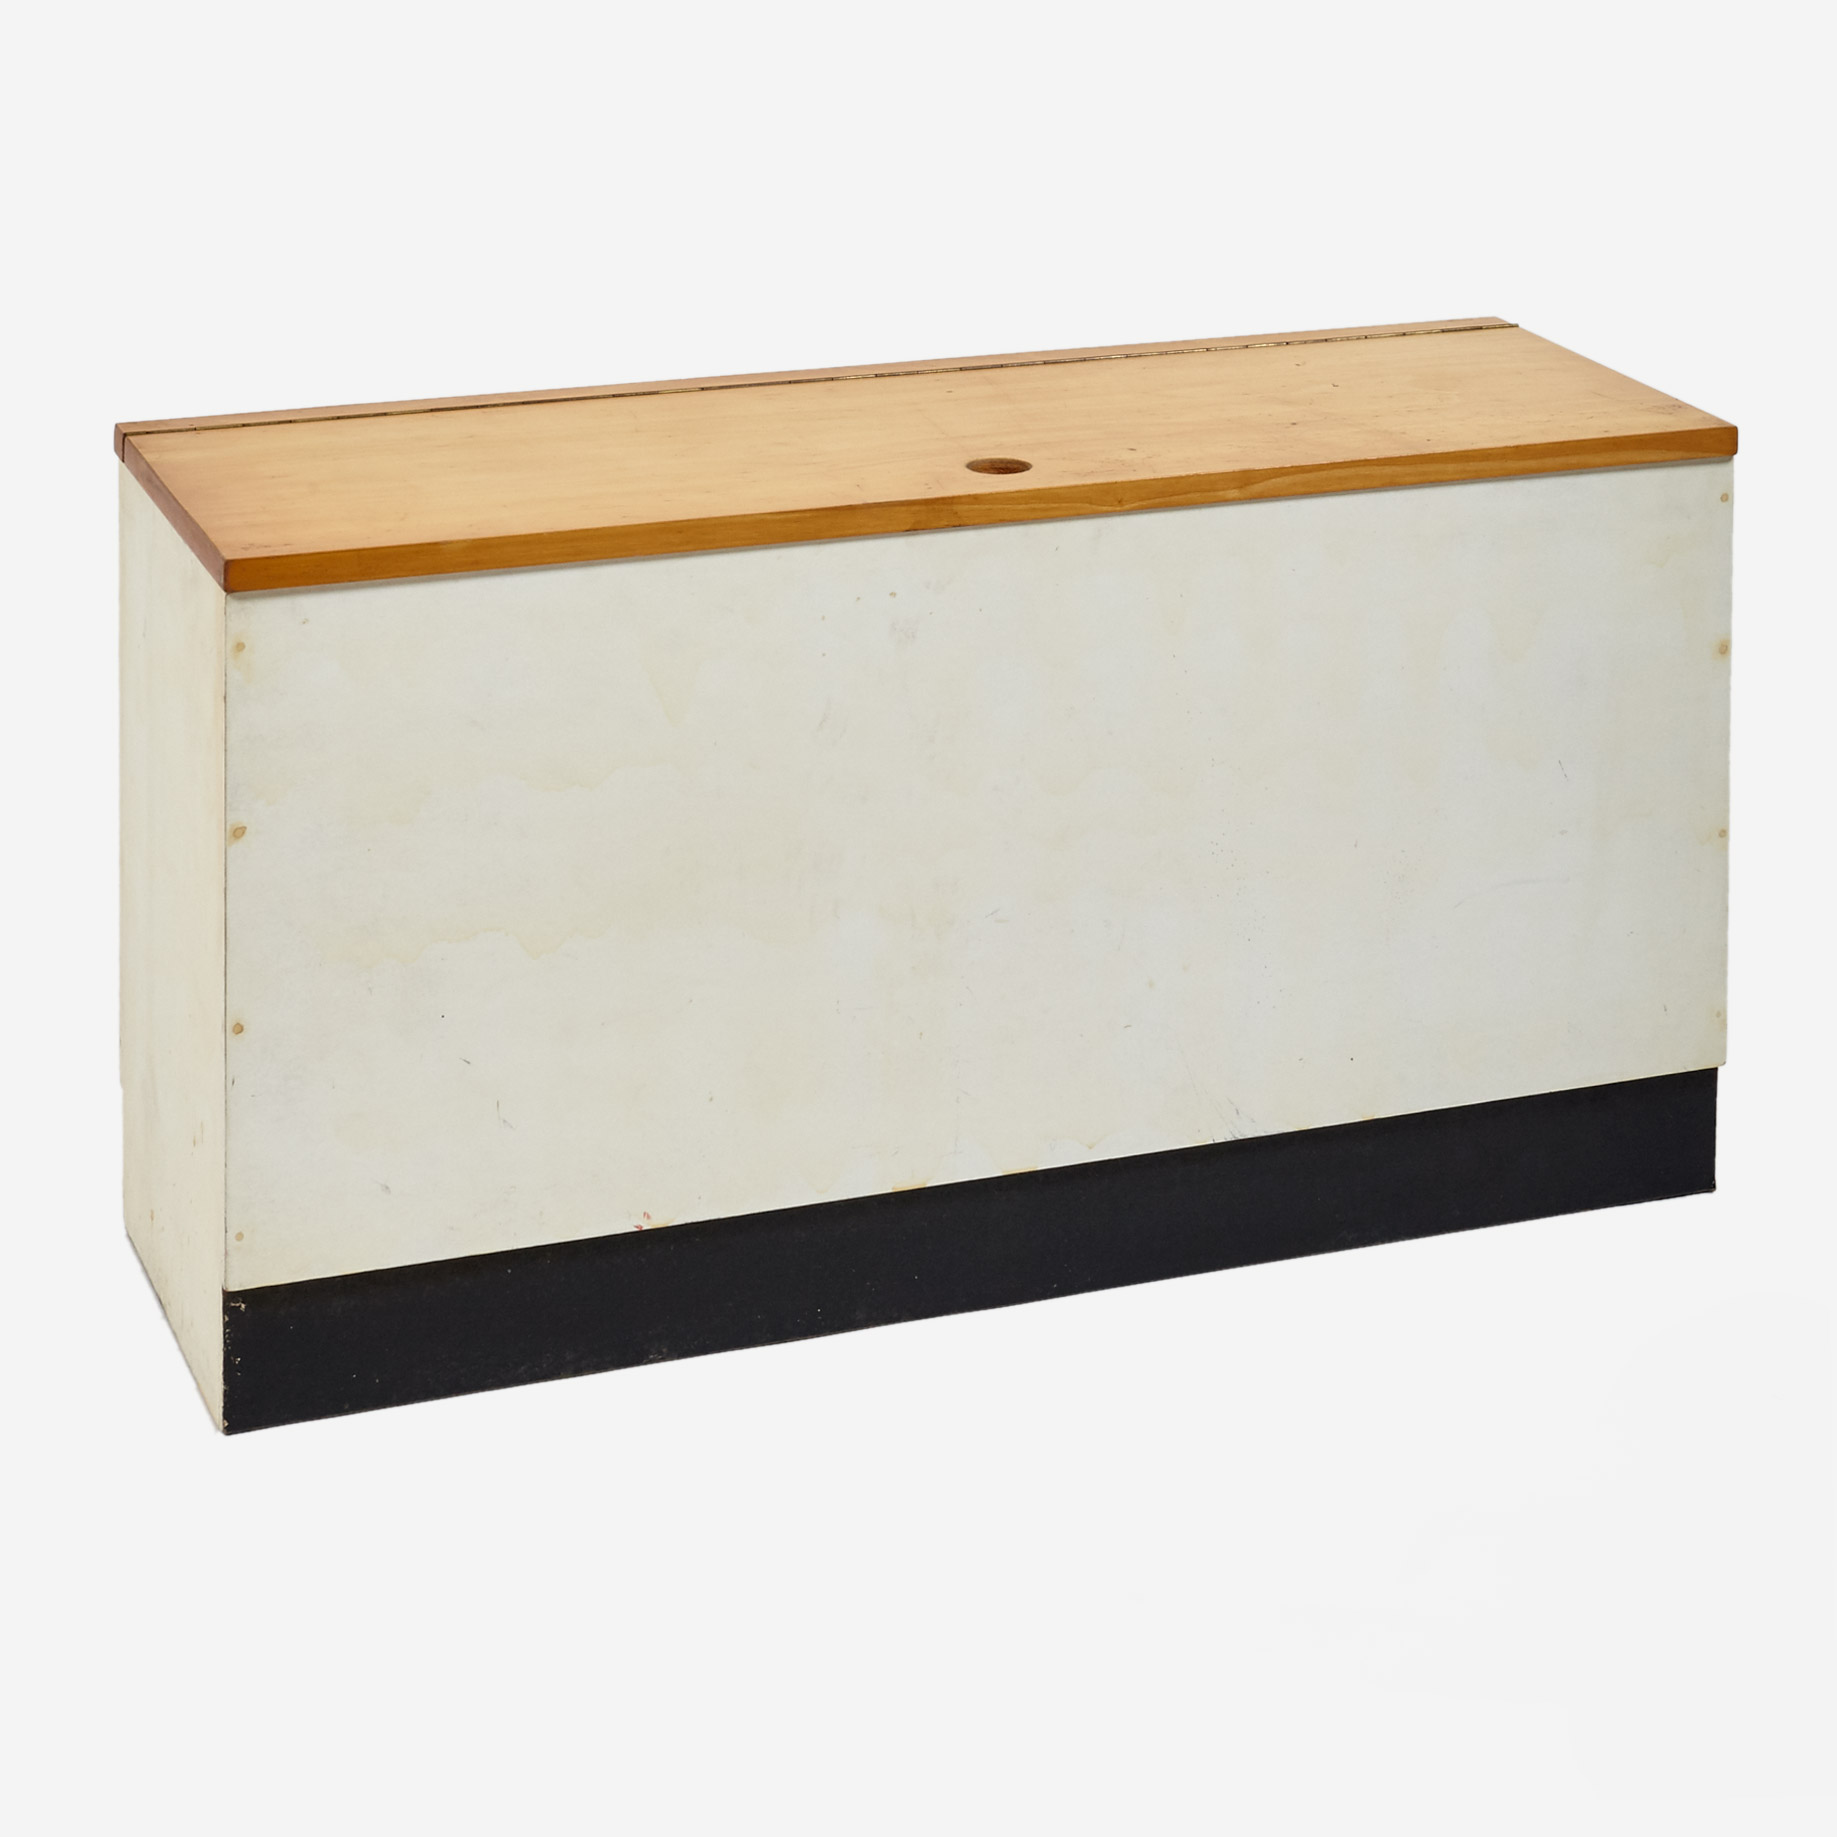 sitzbank mit stauraum m bel z rich vintagem bel. Black Bedroom Furniture Sets. Home Design Ideas